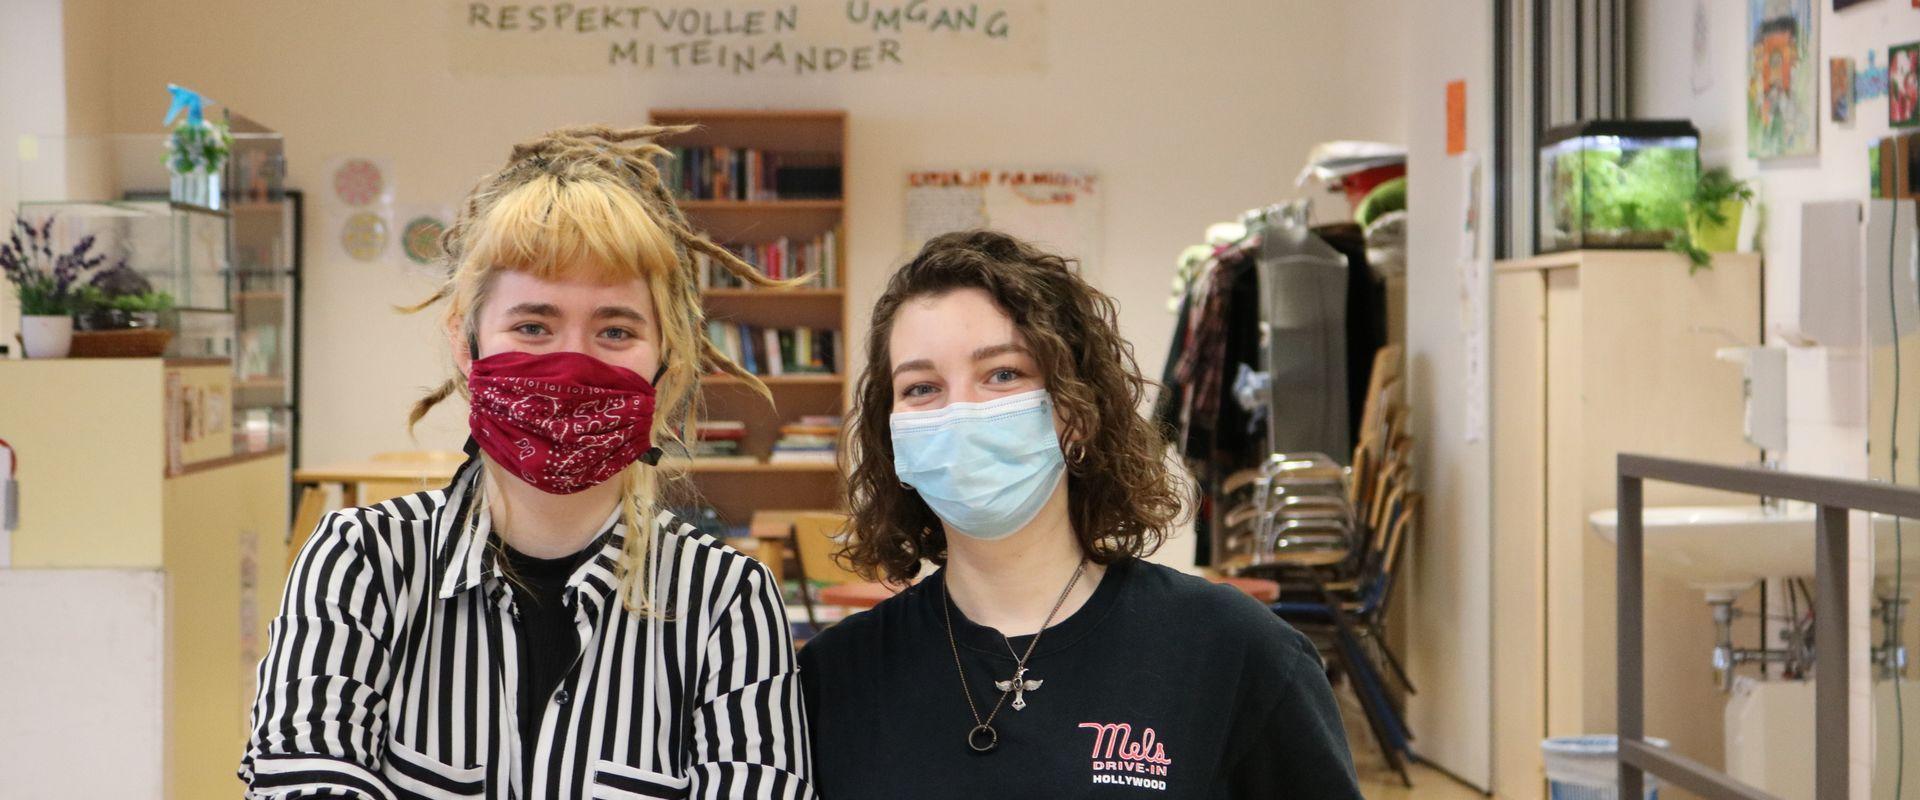 Lea und Alma im Obdach Ester.